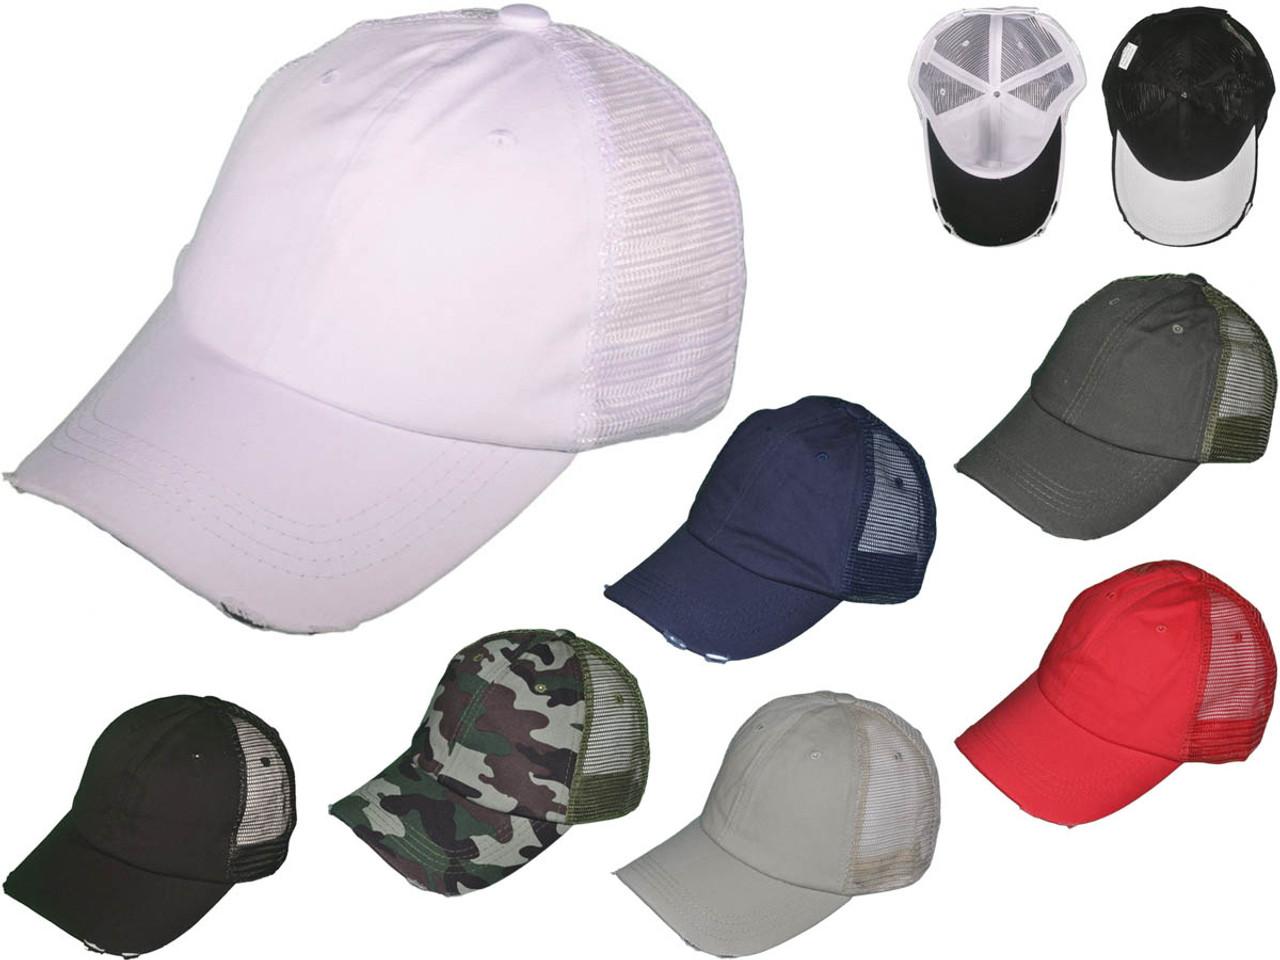 c6f33342 Wholesale BK Caps Low Profile Unstructured Cotton Distressed Mesh ...